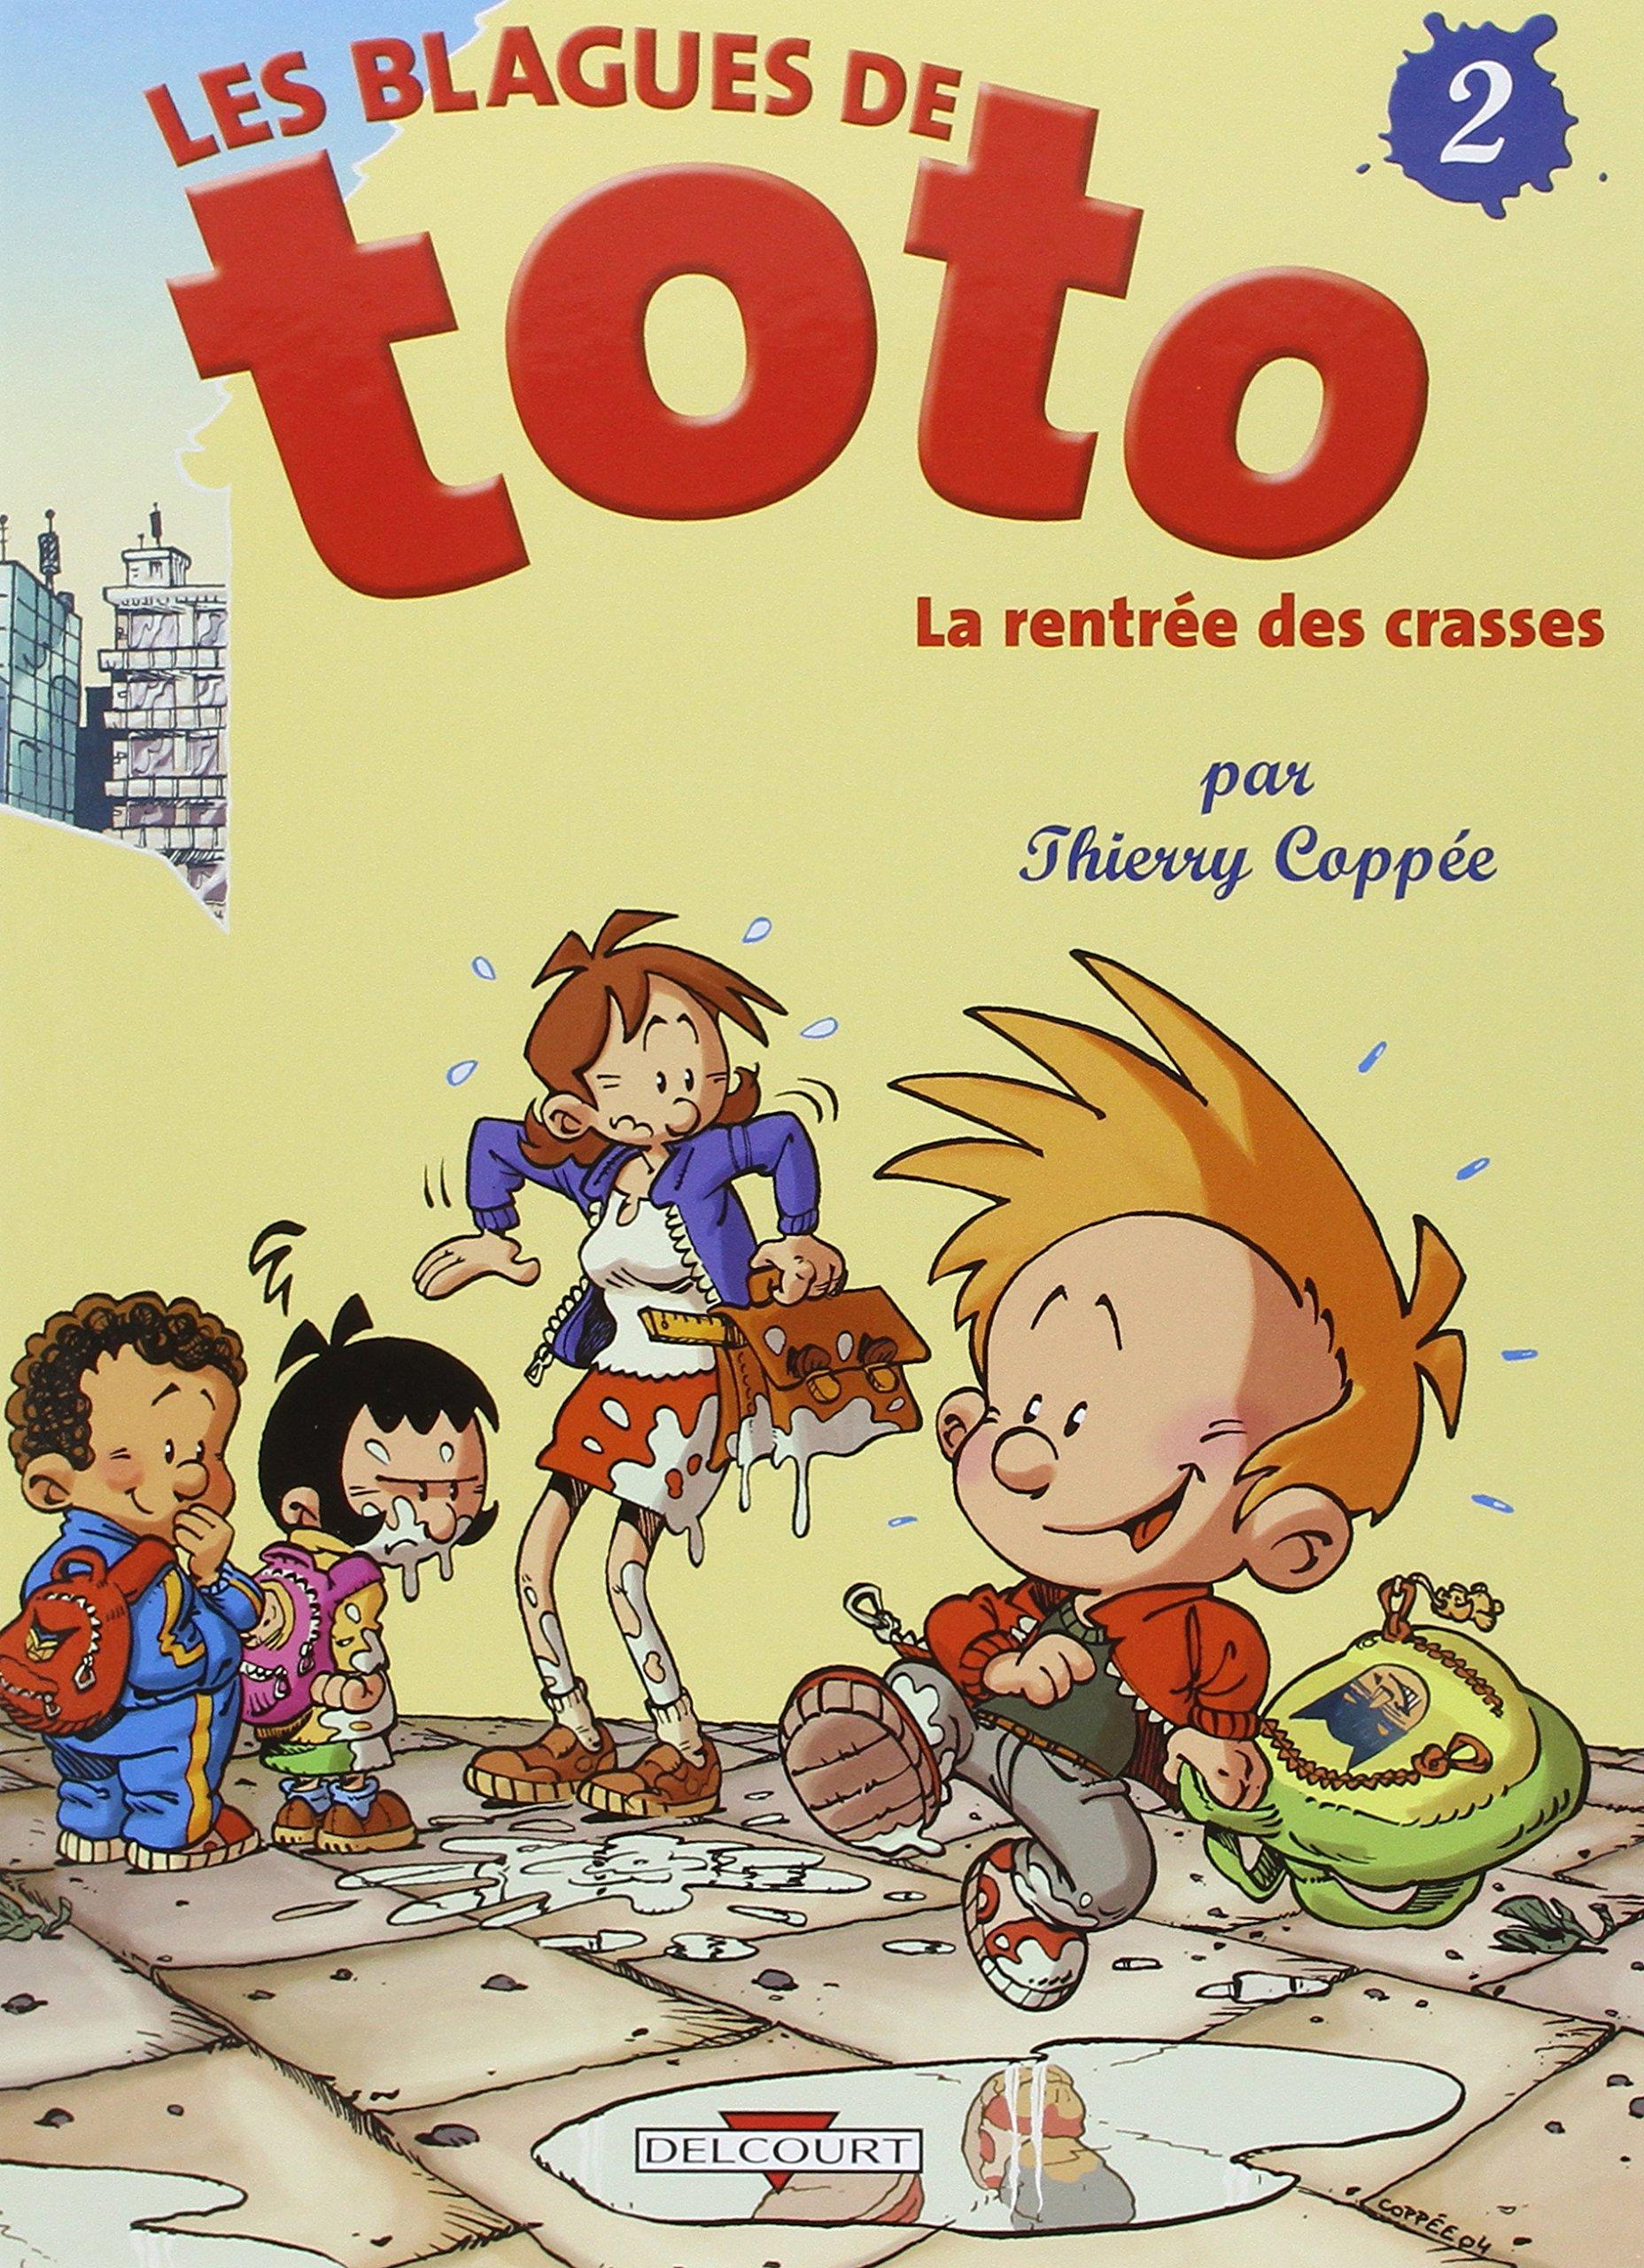 Les Blagues de Toto, tome 2 : La Rentrée des crasses Relié – 1 septembre 2004 Thierry Coppée DELCOURT 2847895132 379782847895131